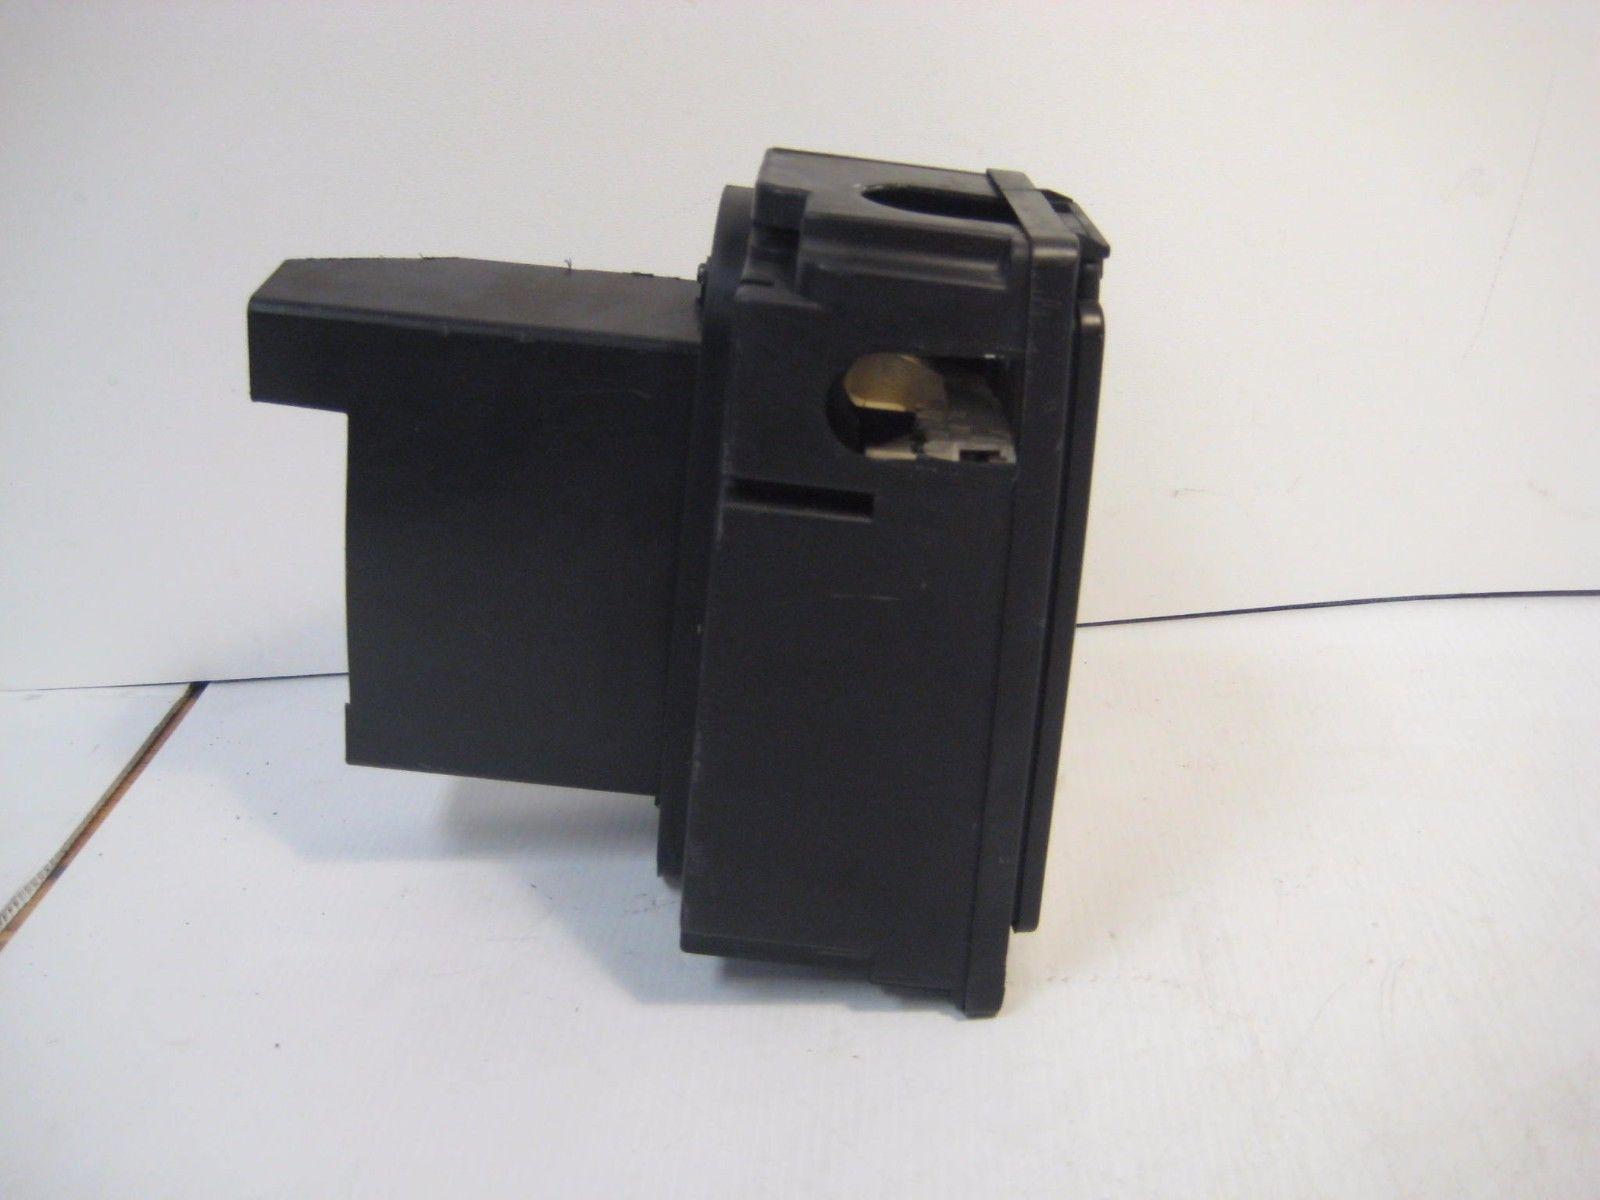 volvo 850v 1995 exterior fuse box engine compartment oem. Black Bedroom Furniture Sets. Home Design Ideas